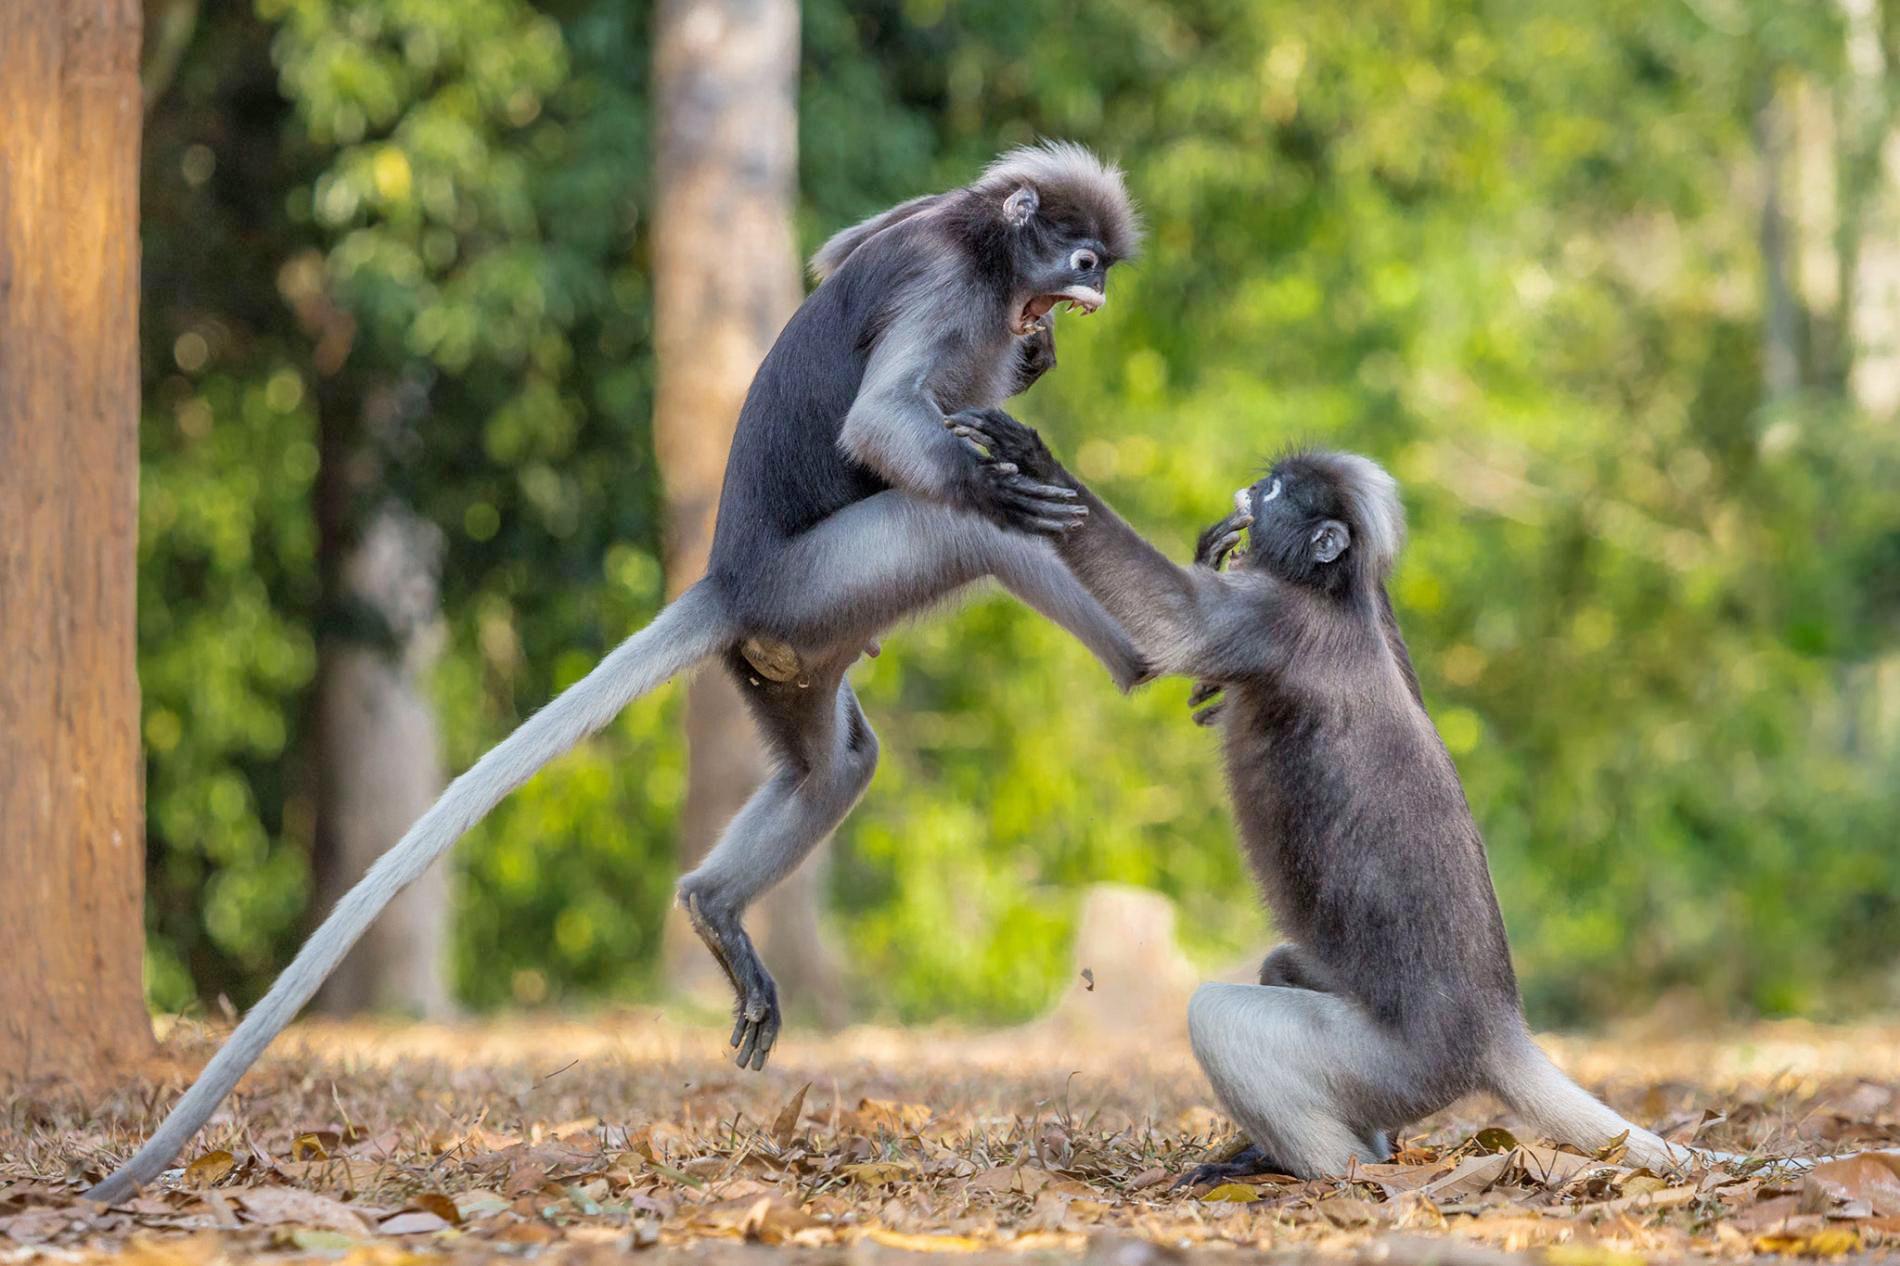 Конкурс самых смешных фотографий животных 2018